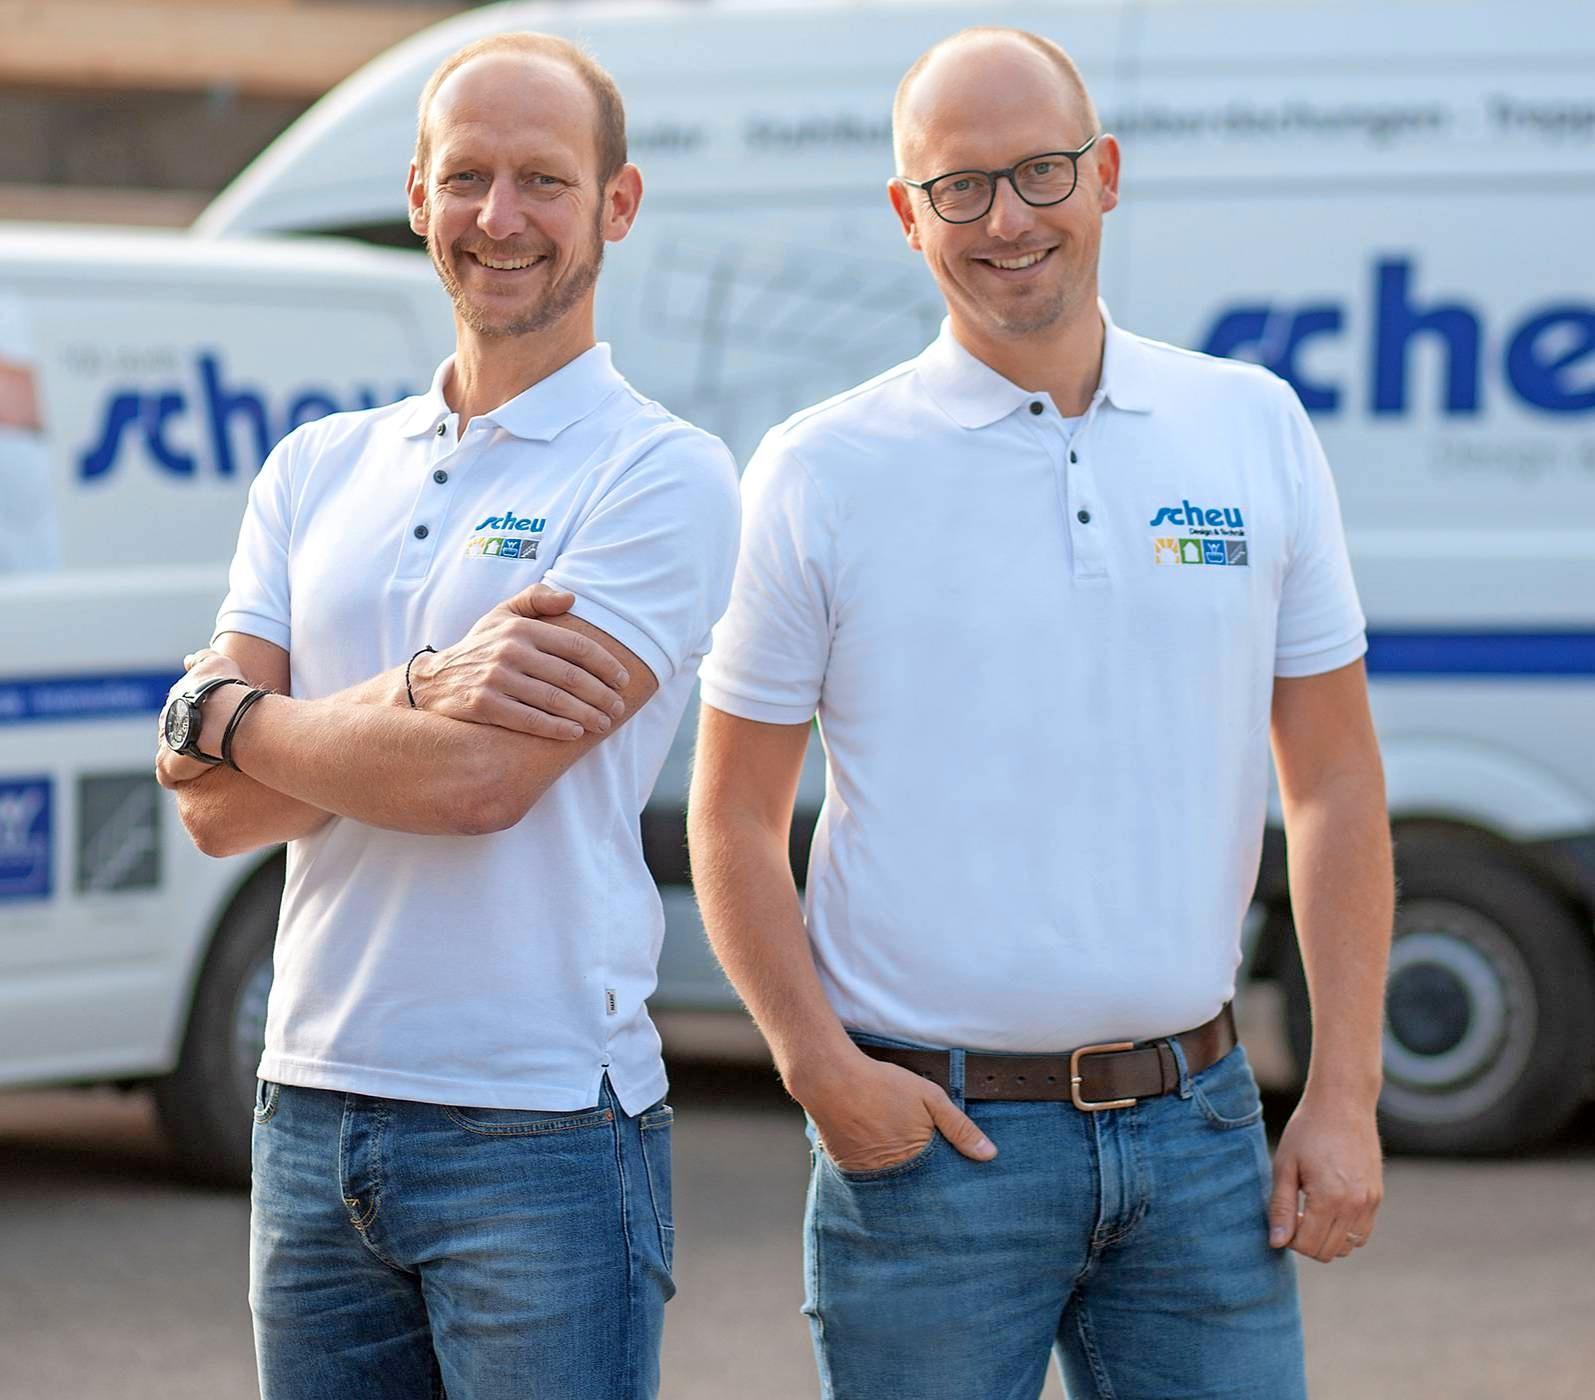 Mit Marco und Michael Scheu (v.l.) wird das Unternehmen inzwischen von der vierten Generation geleitet. Foto: privat